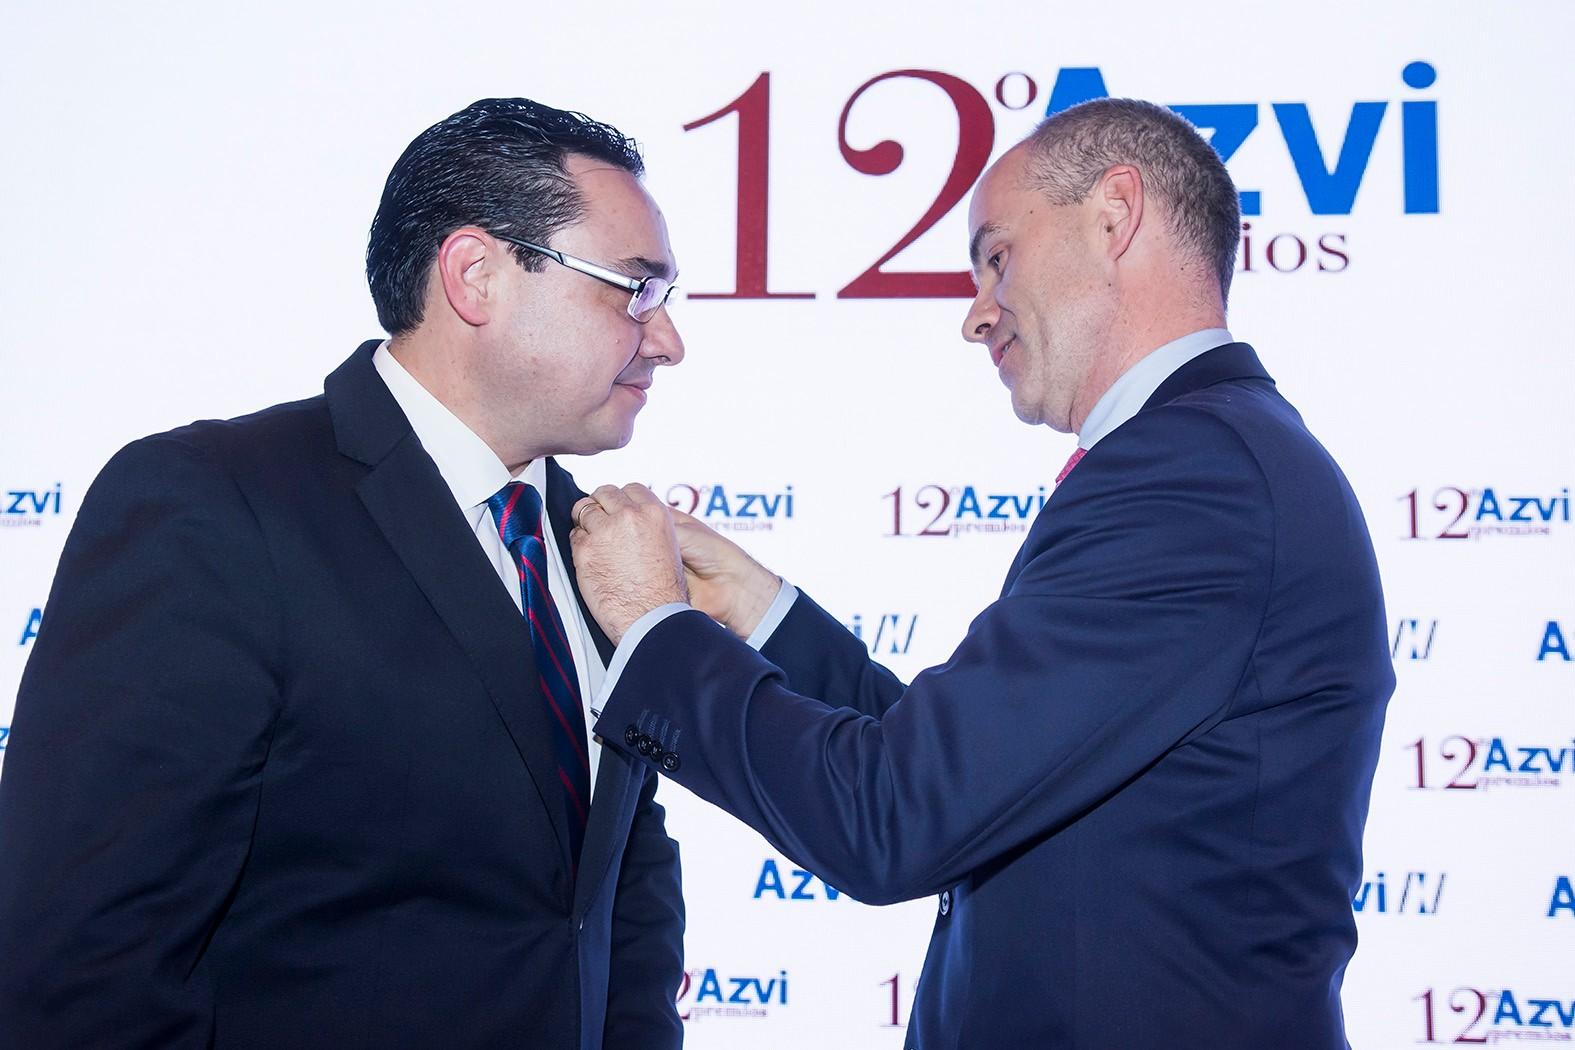 12 premios Azvi 117